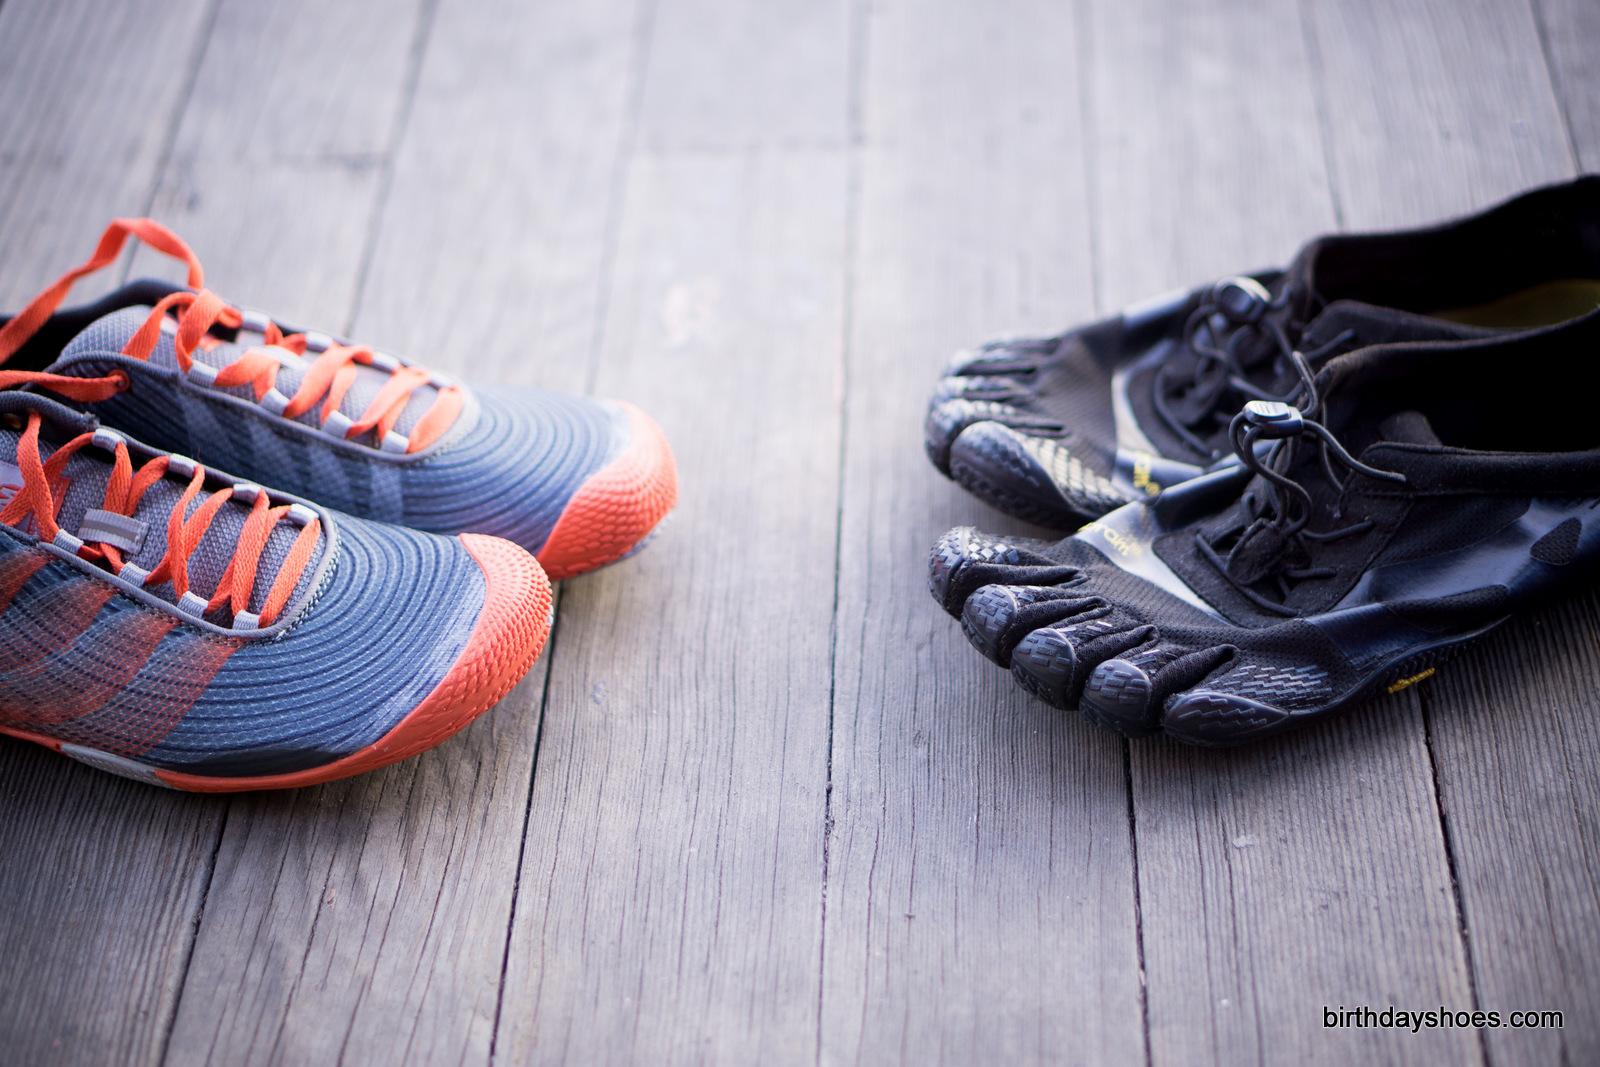 The Merrell Vapor Glove 2 on the left; Vibram FiveFingers KSO EVO on the right.